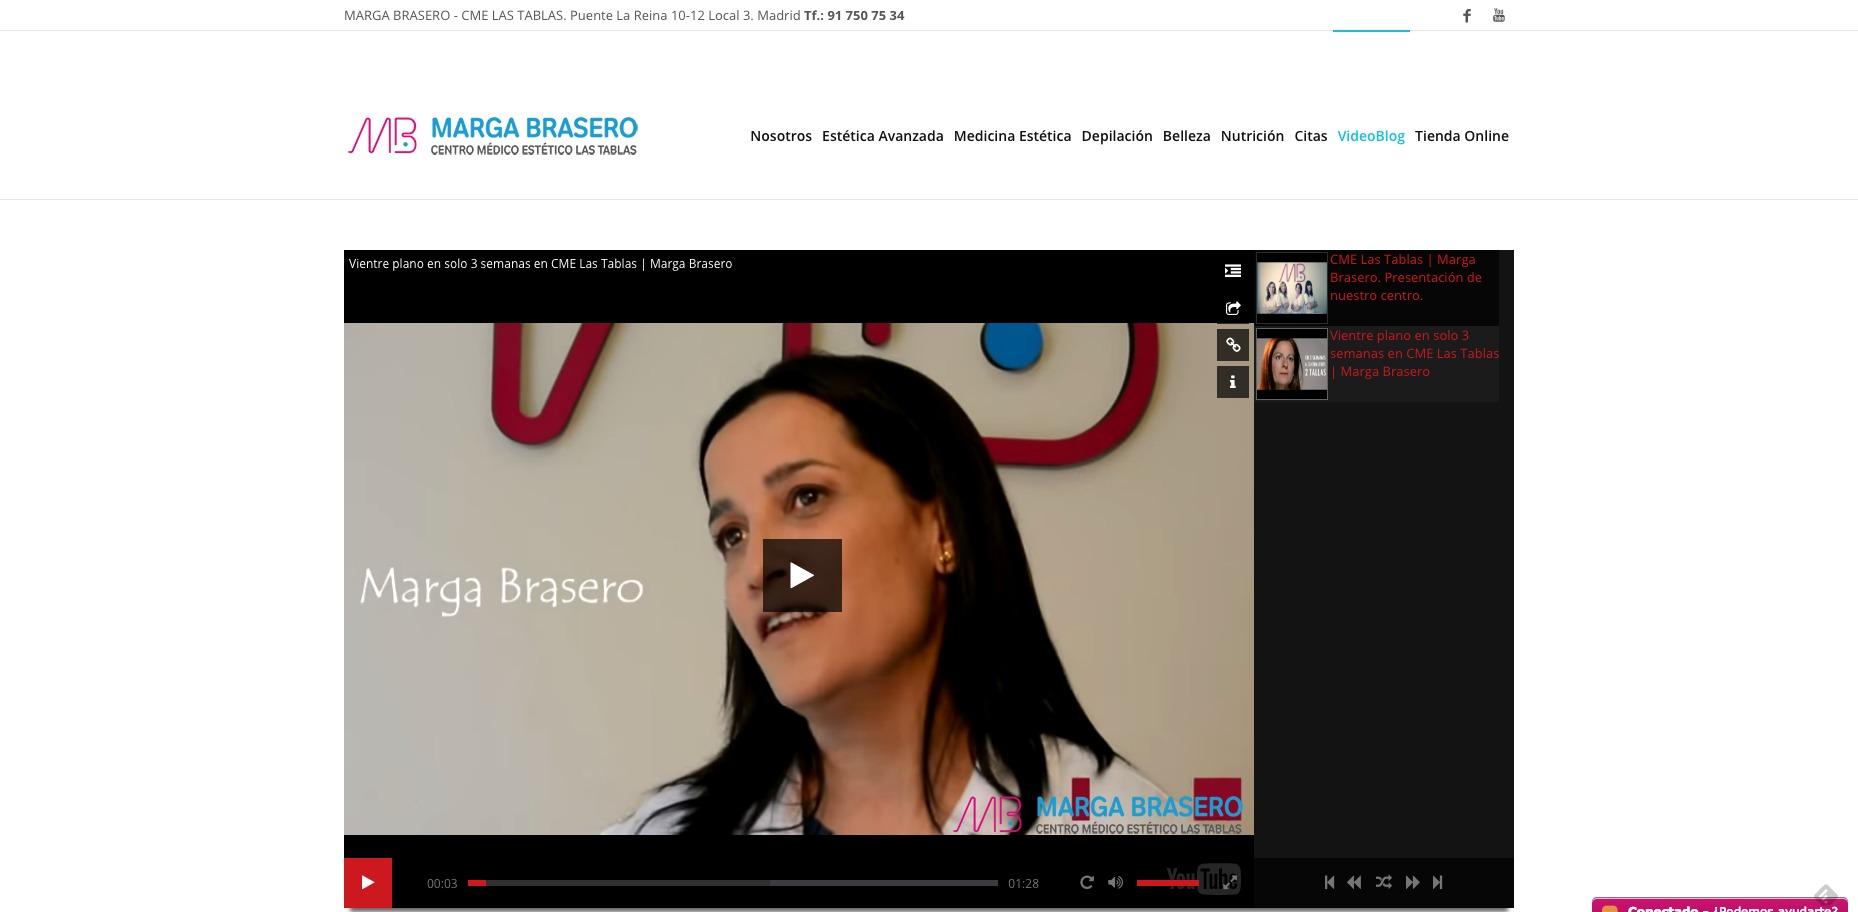 Vídeo promocional Marga Brasero centro médico estético